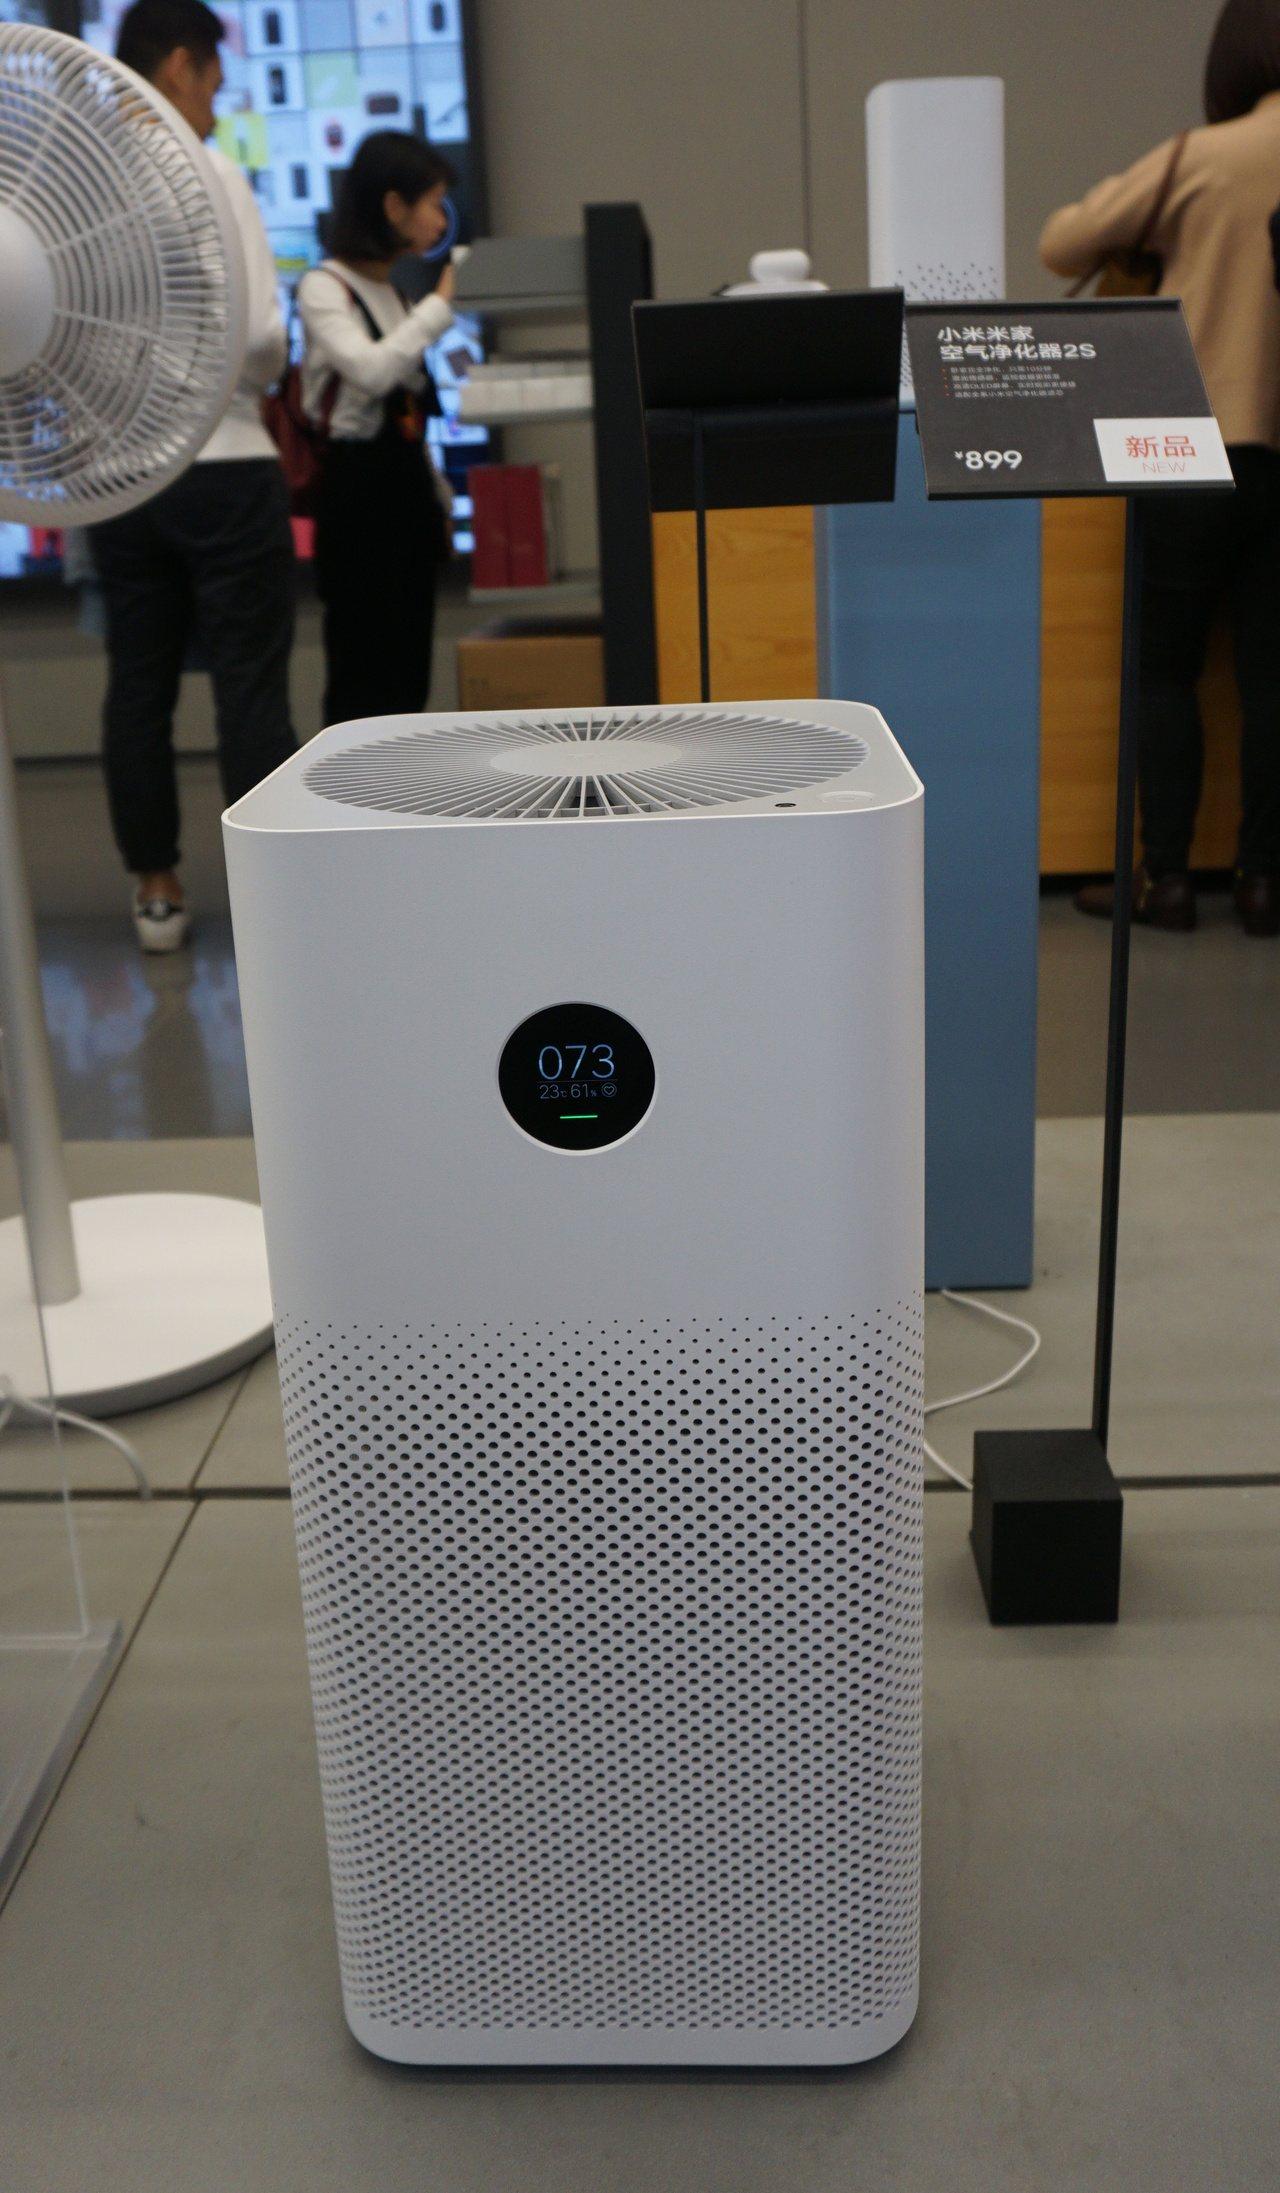 小米空氣淨化器2S/899元人民幣。記者黃筱晴/攝影